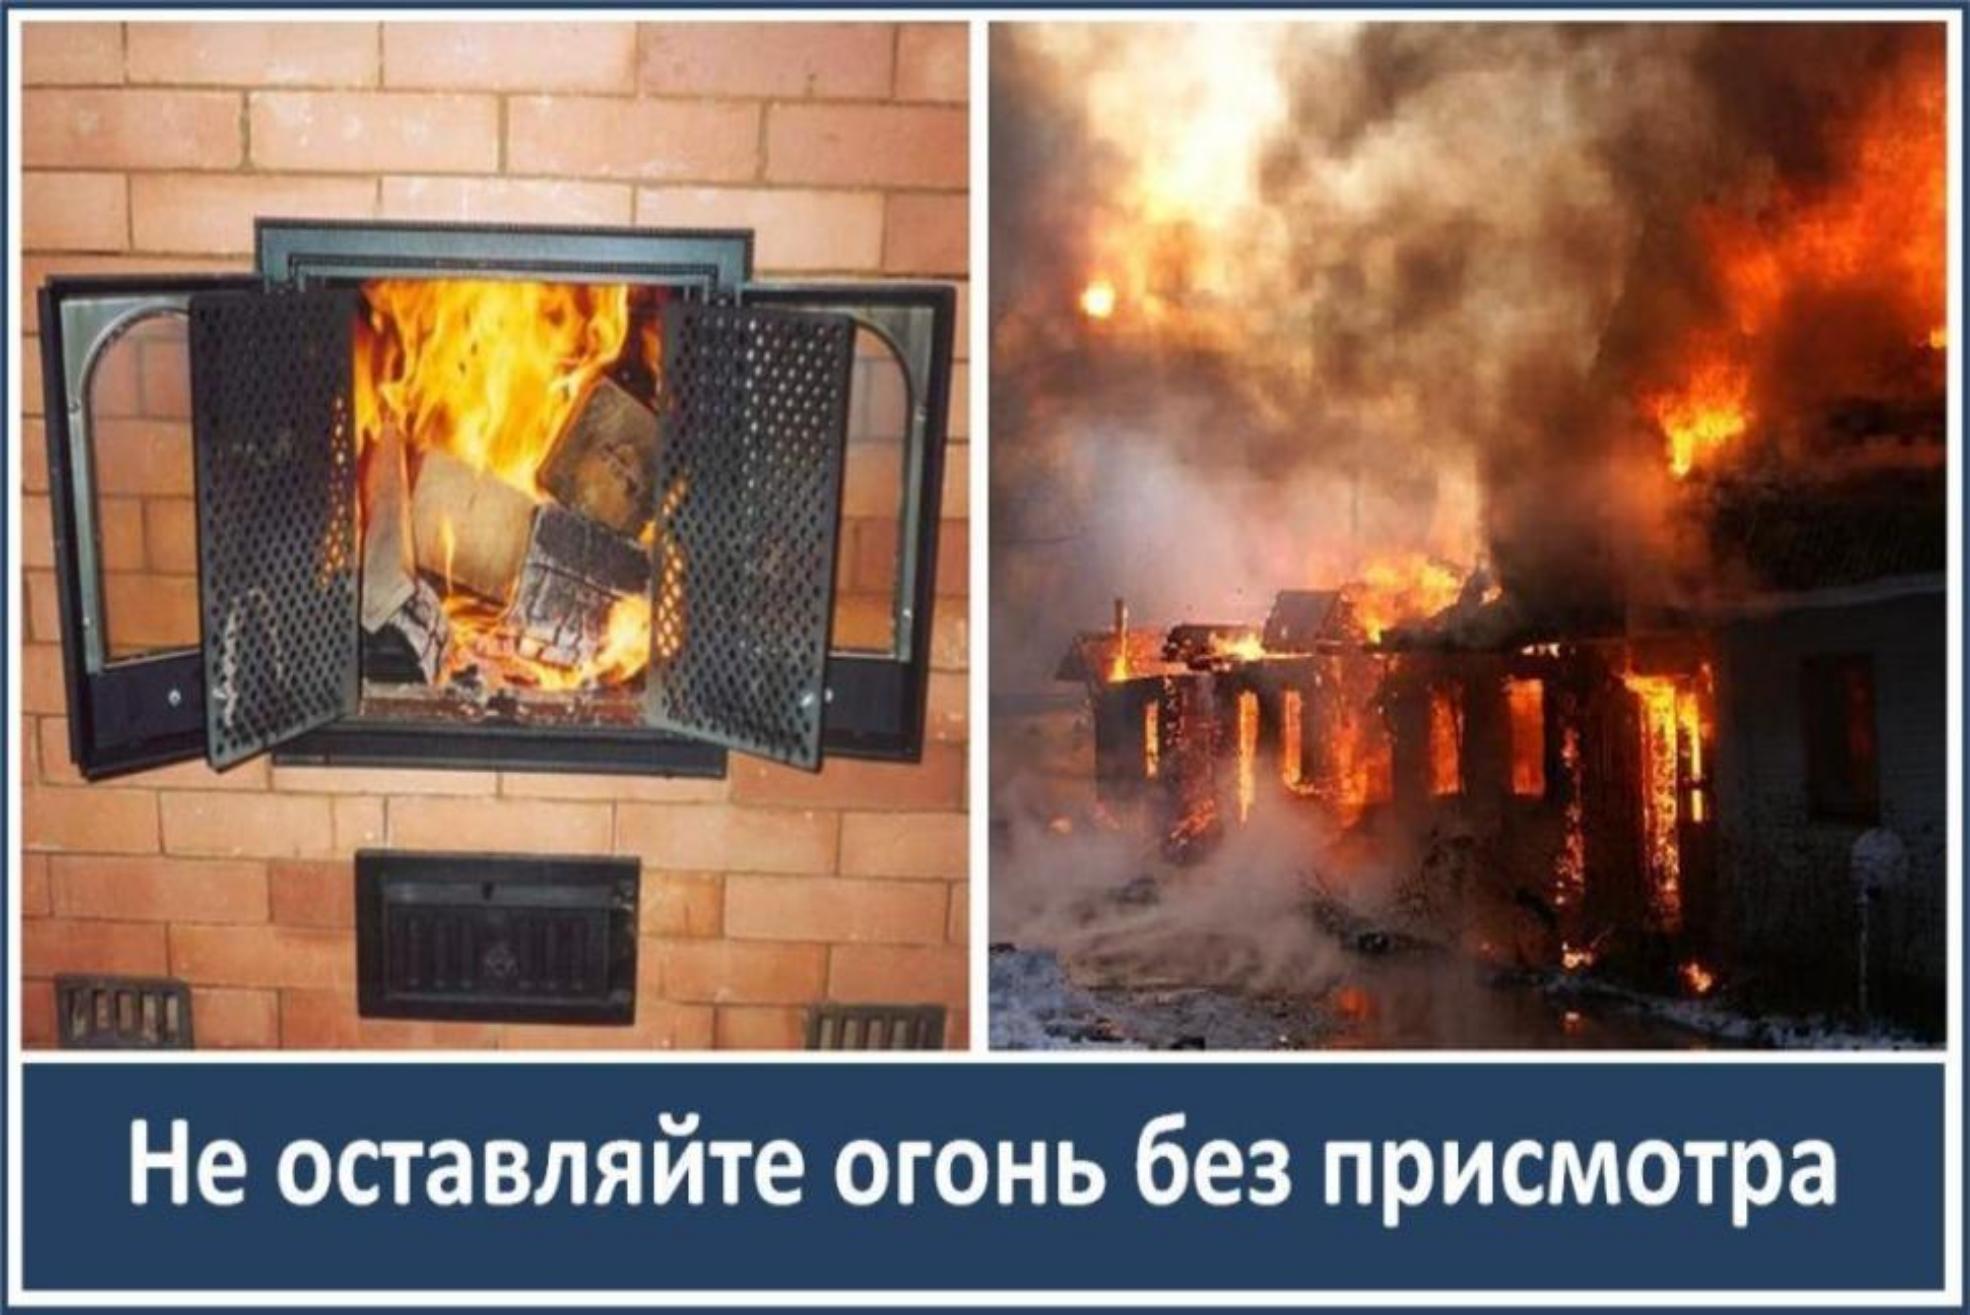 Администрация Потаповского сельского поселения сообщает об увеличении числа пожаров в жилом секторе